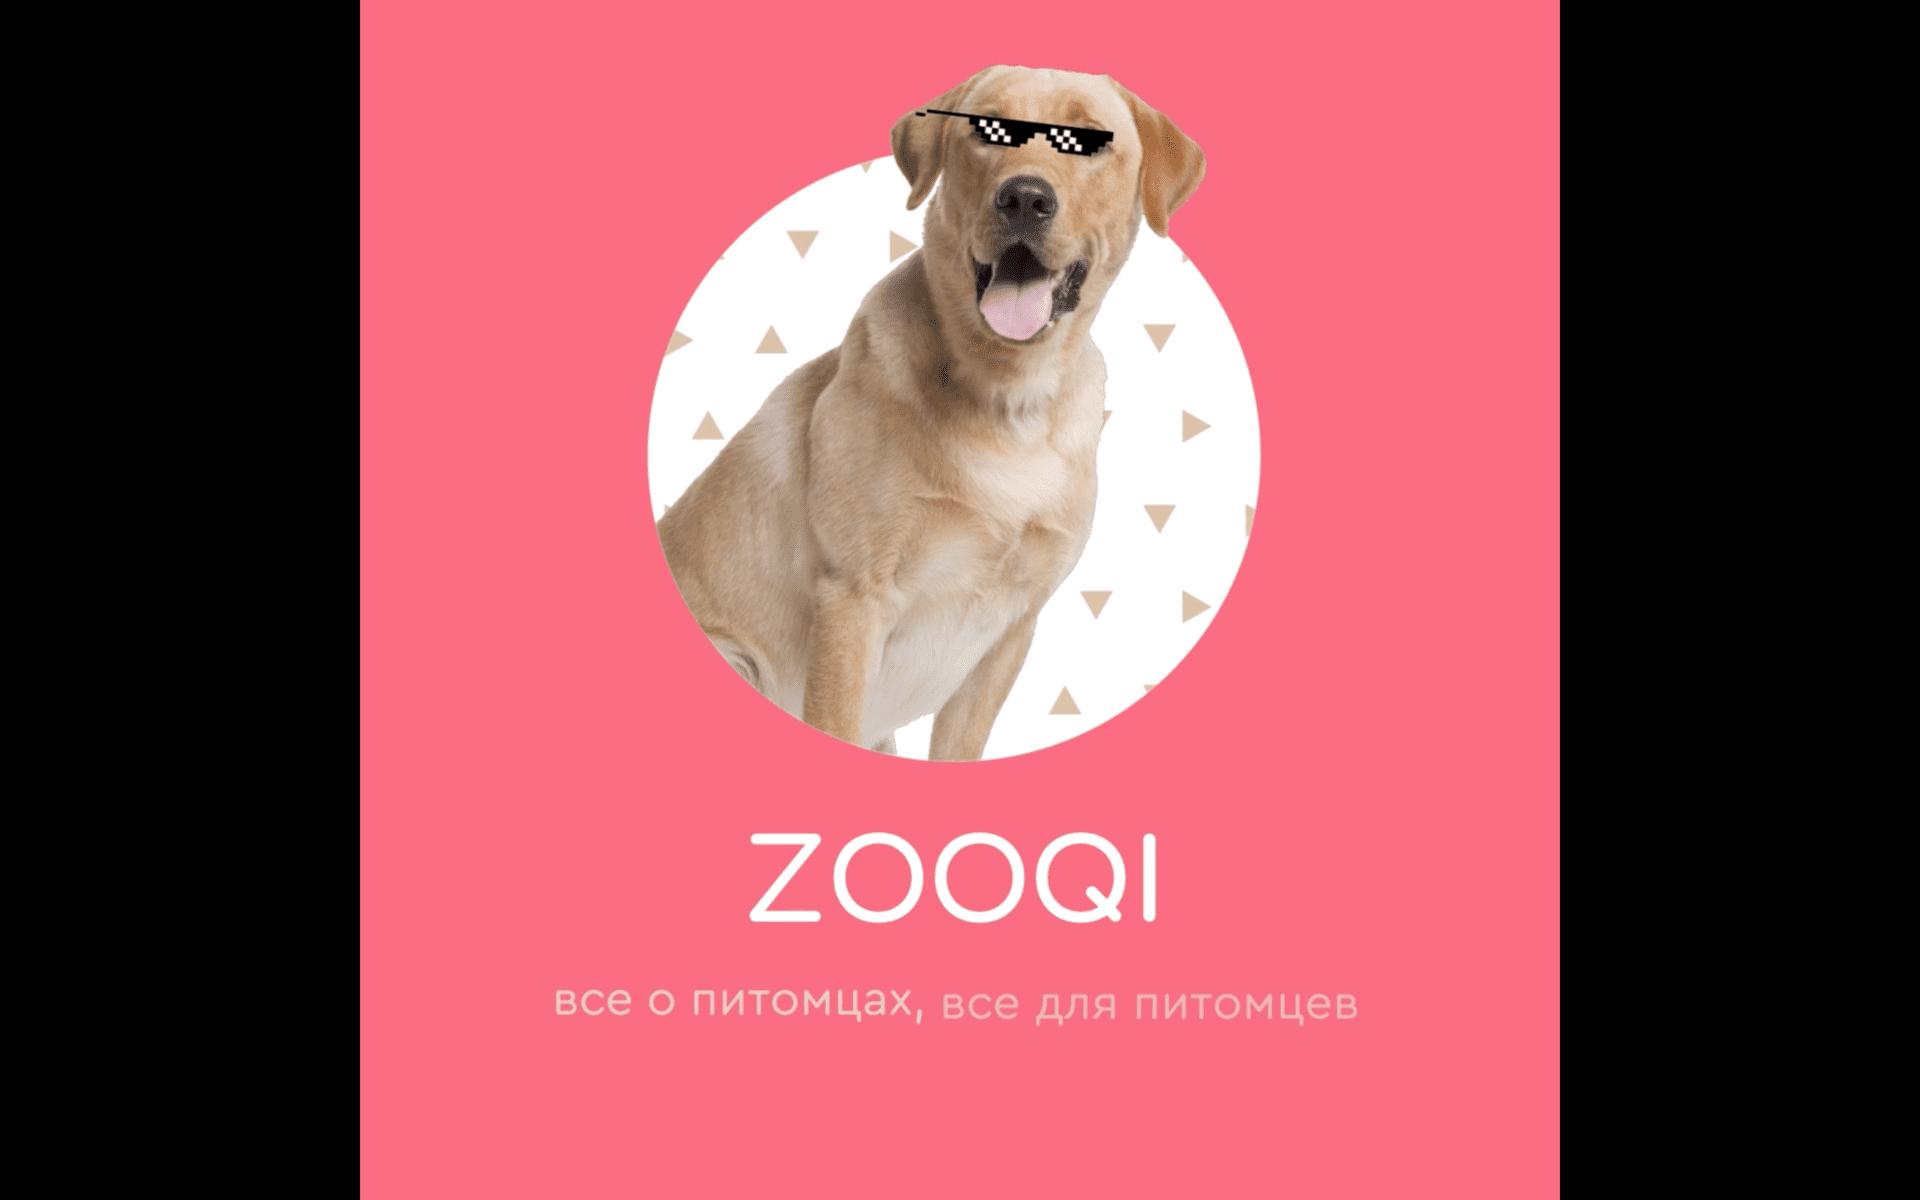 Zooqi Ai e-comerce video